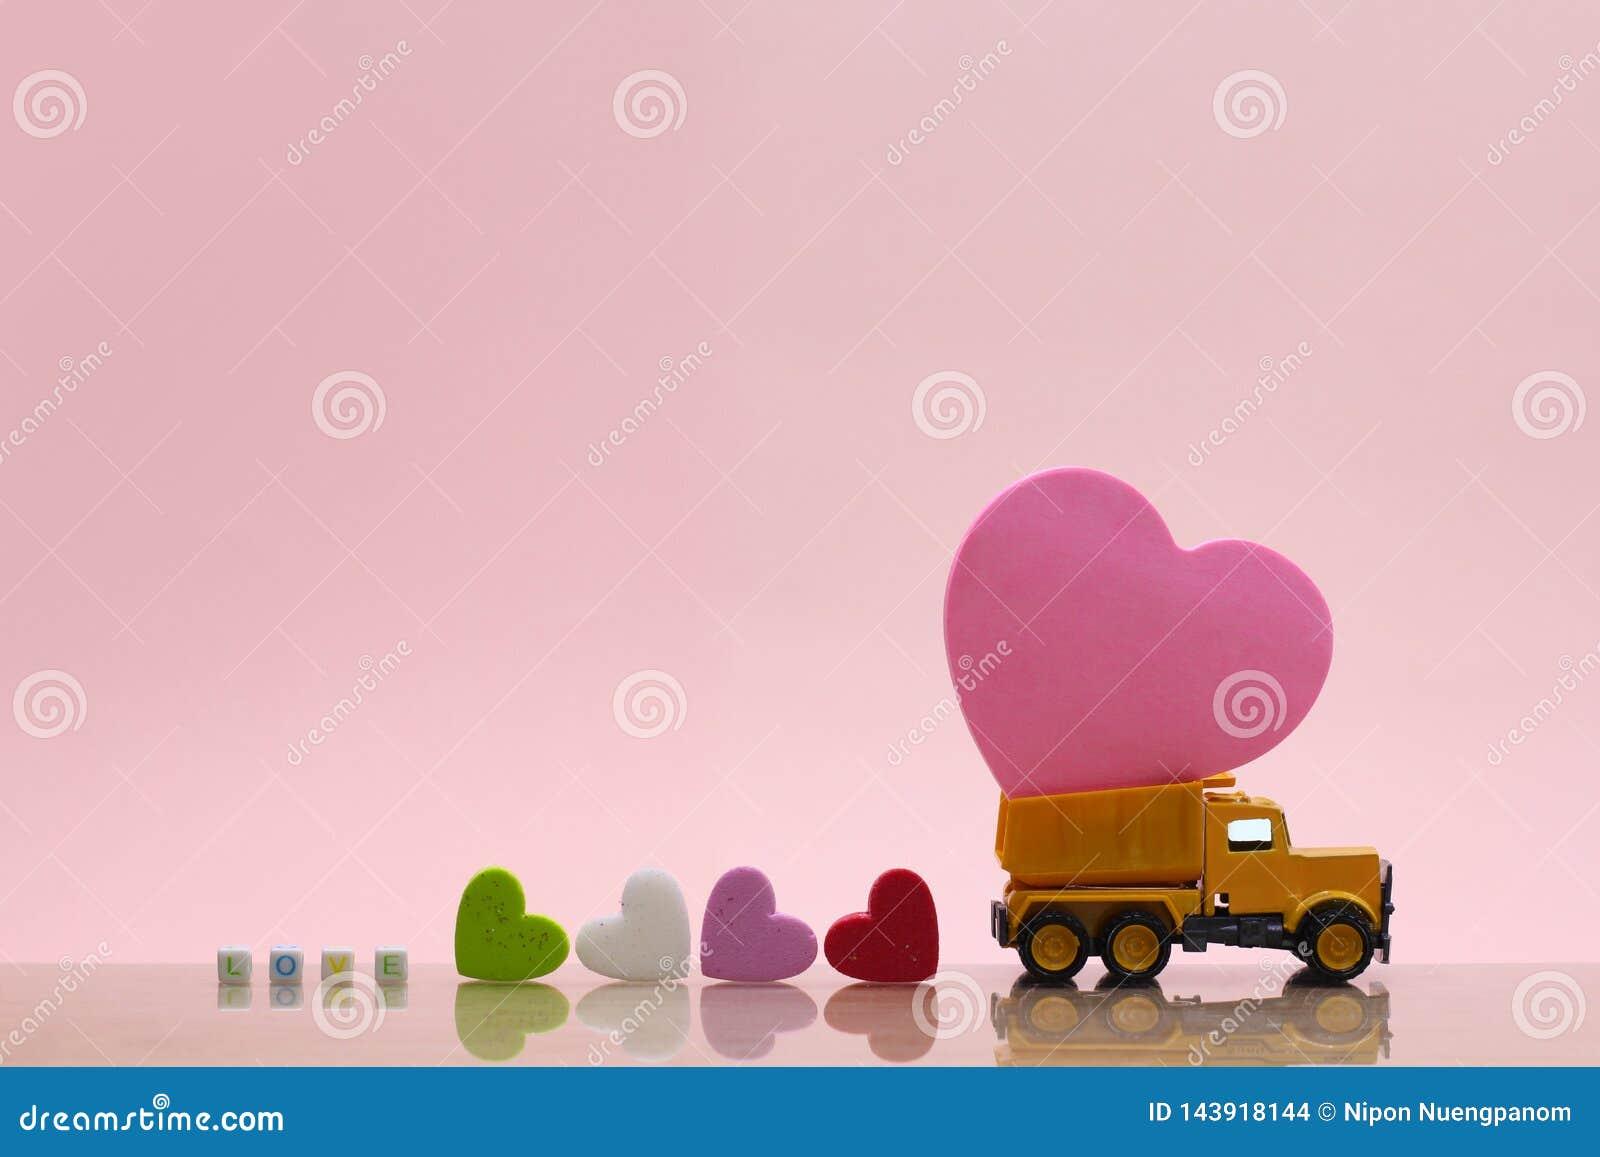 Den gula leksaklastbilen bär på rosa hjärta på rosa bakgrund